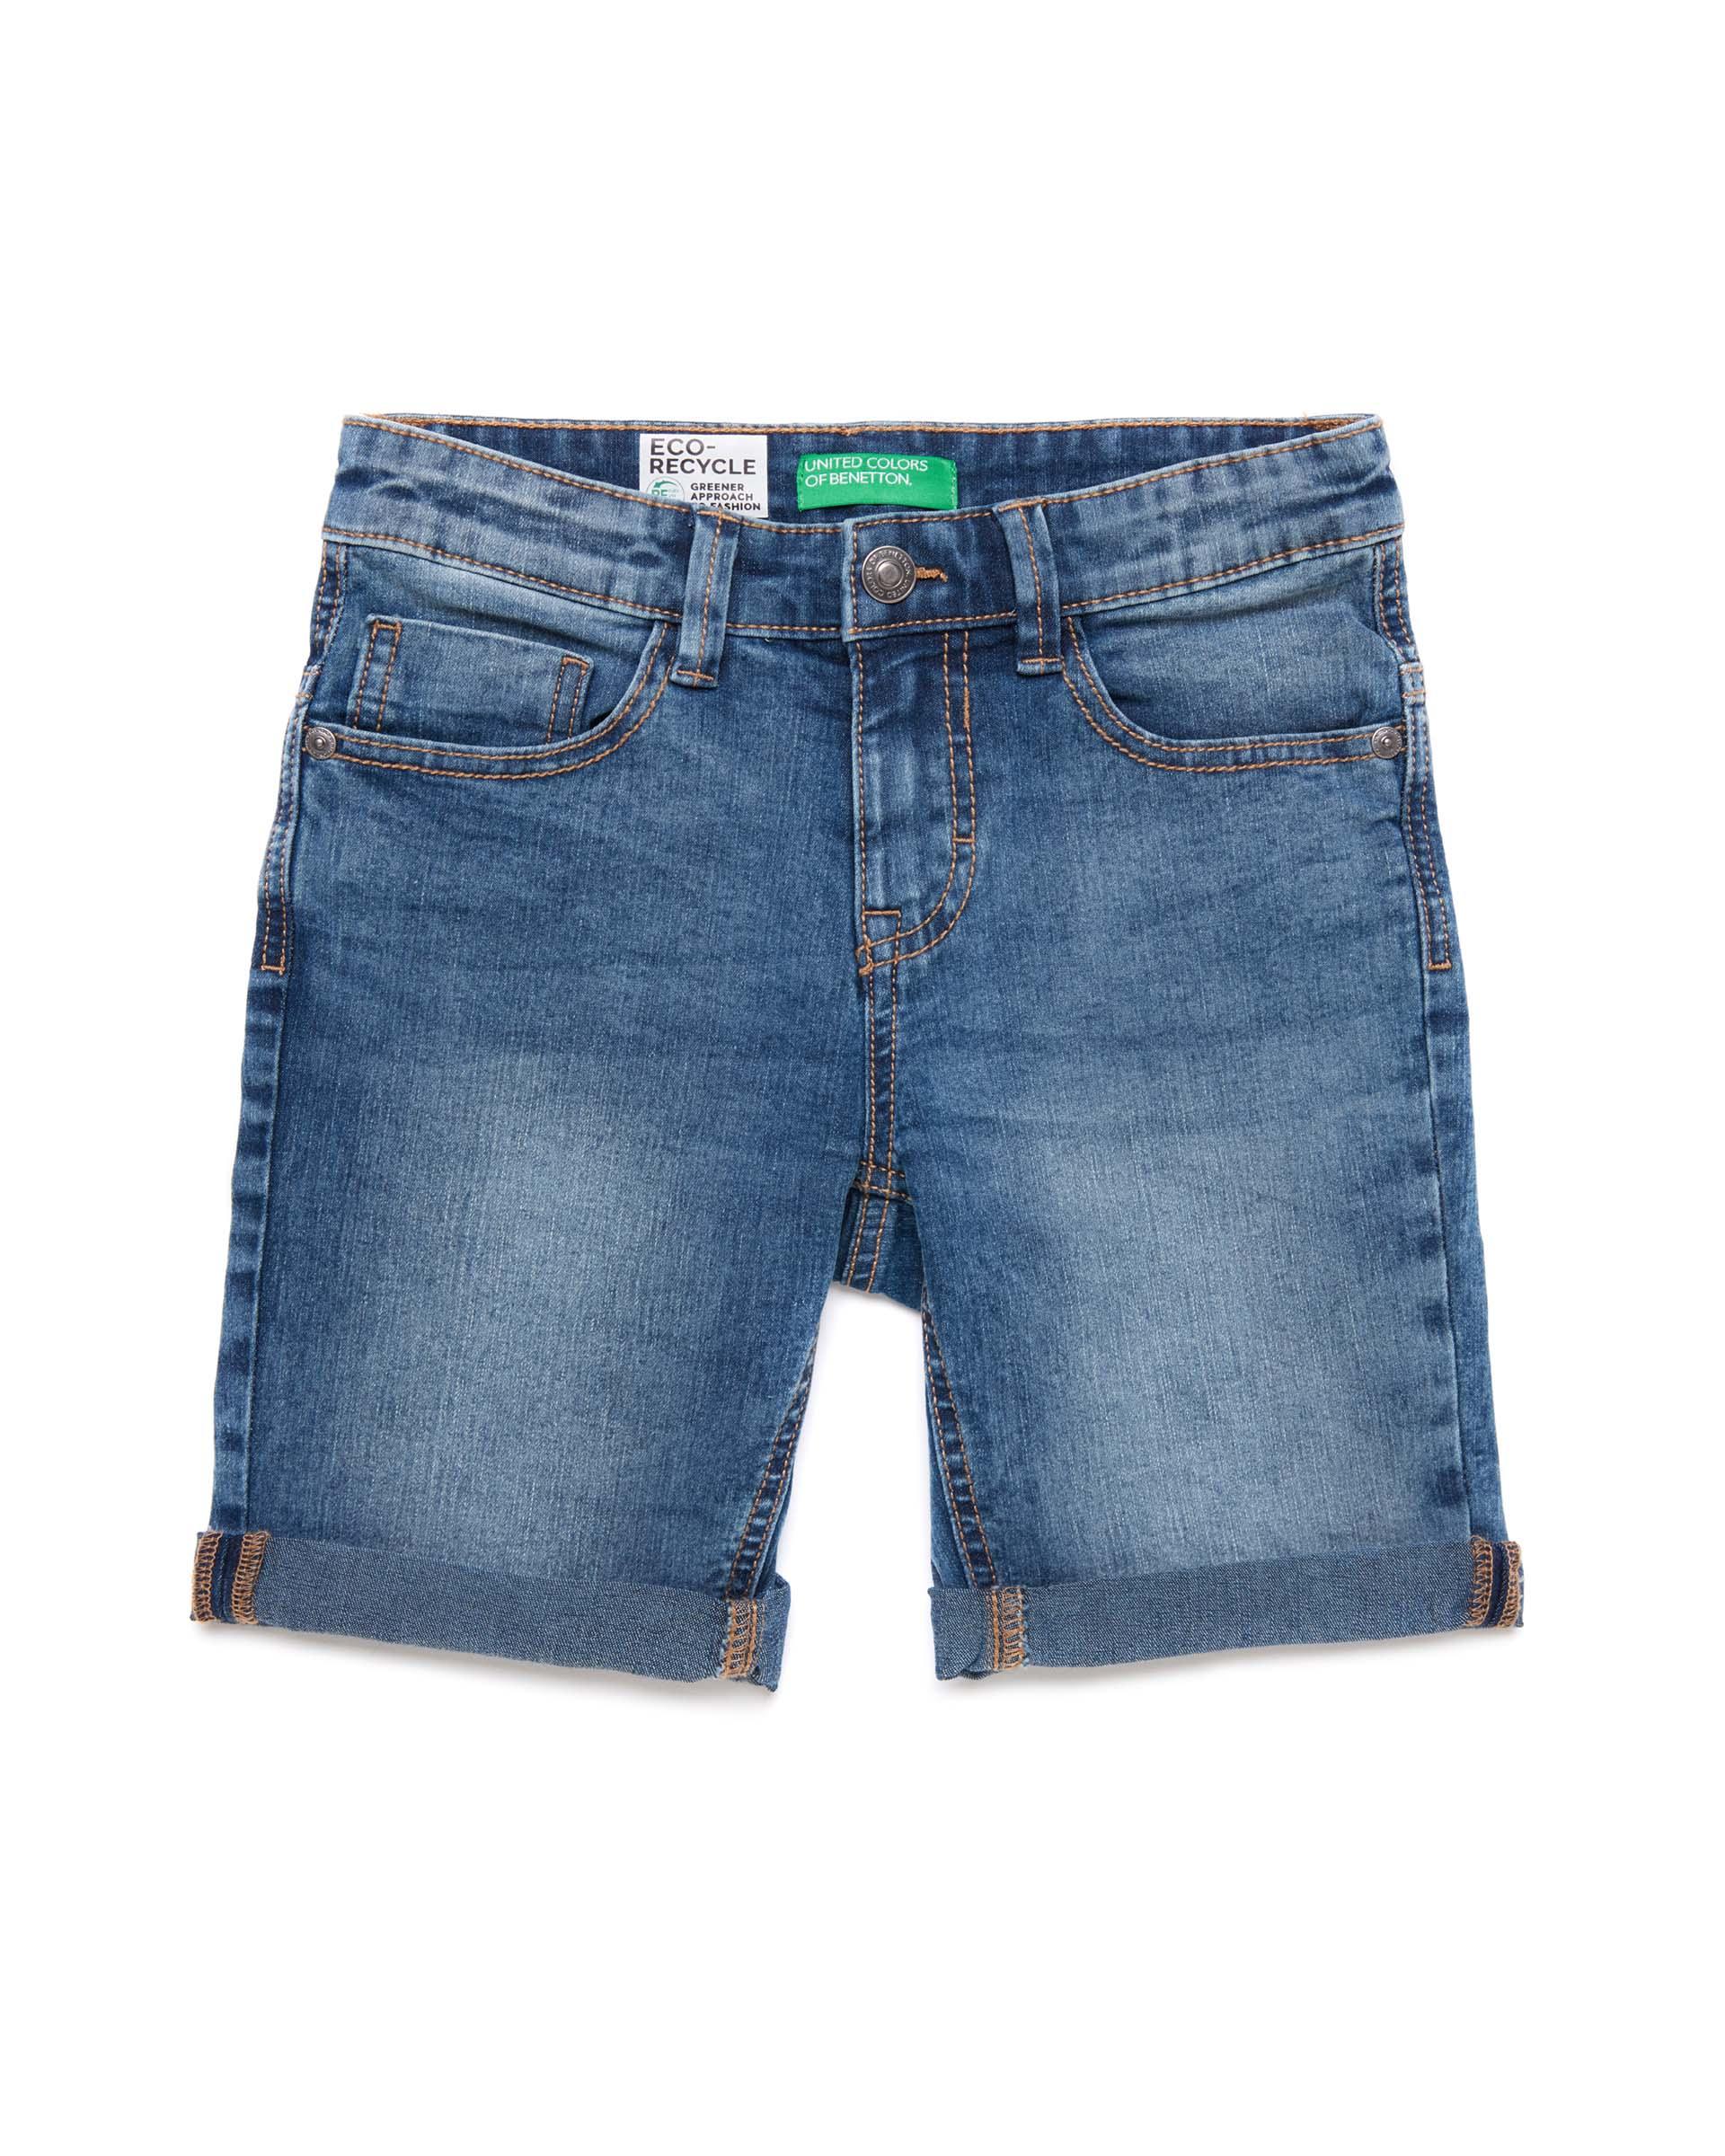 Купить 20P_4XA259DY0_902, Джинсовые шорты для мальчиков Benetton 4XA259DY0_902 р-р 122, United Colors of Benetton, Шорты для мальчиков